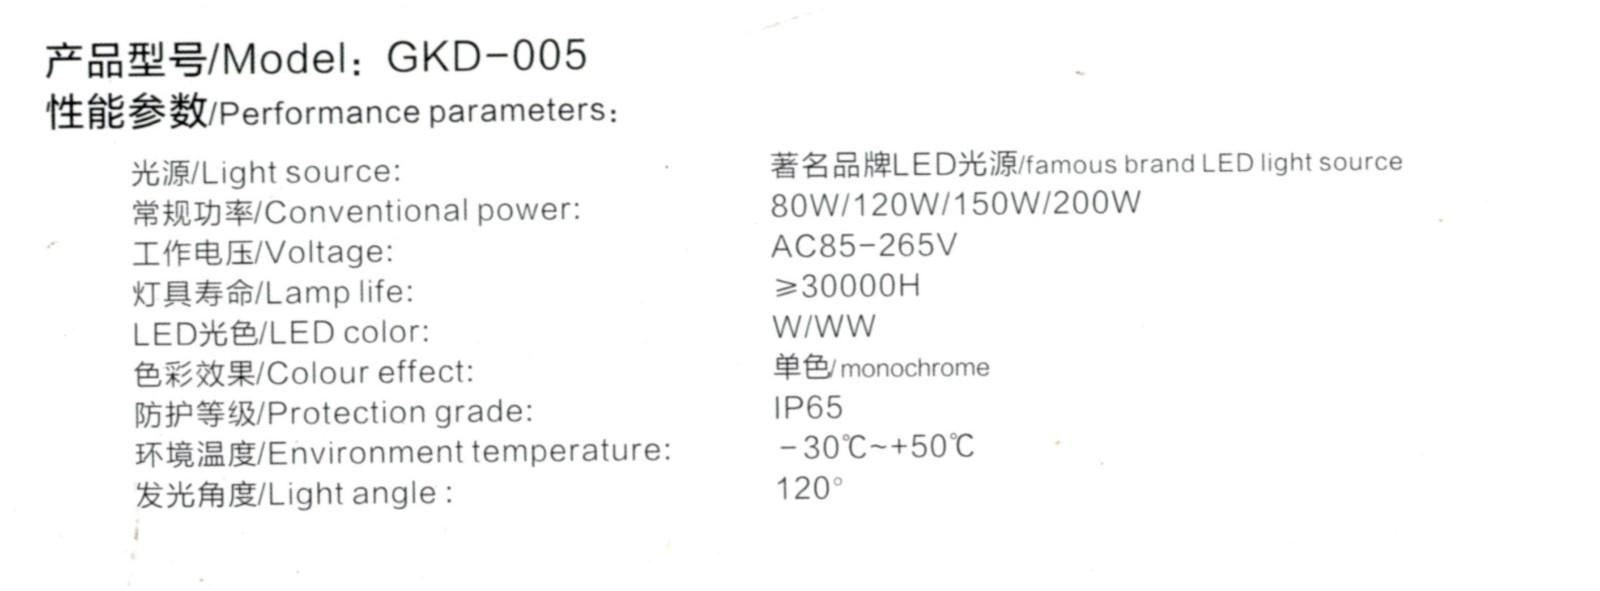 LED工矿灯Model∶GKD-005参数.jpg